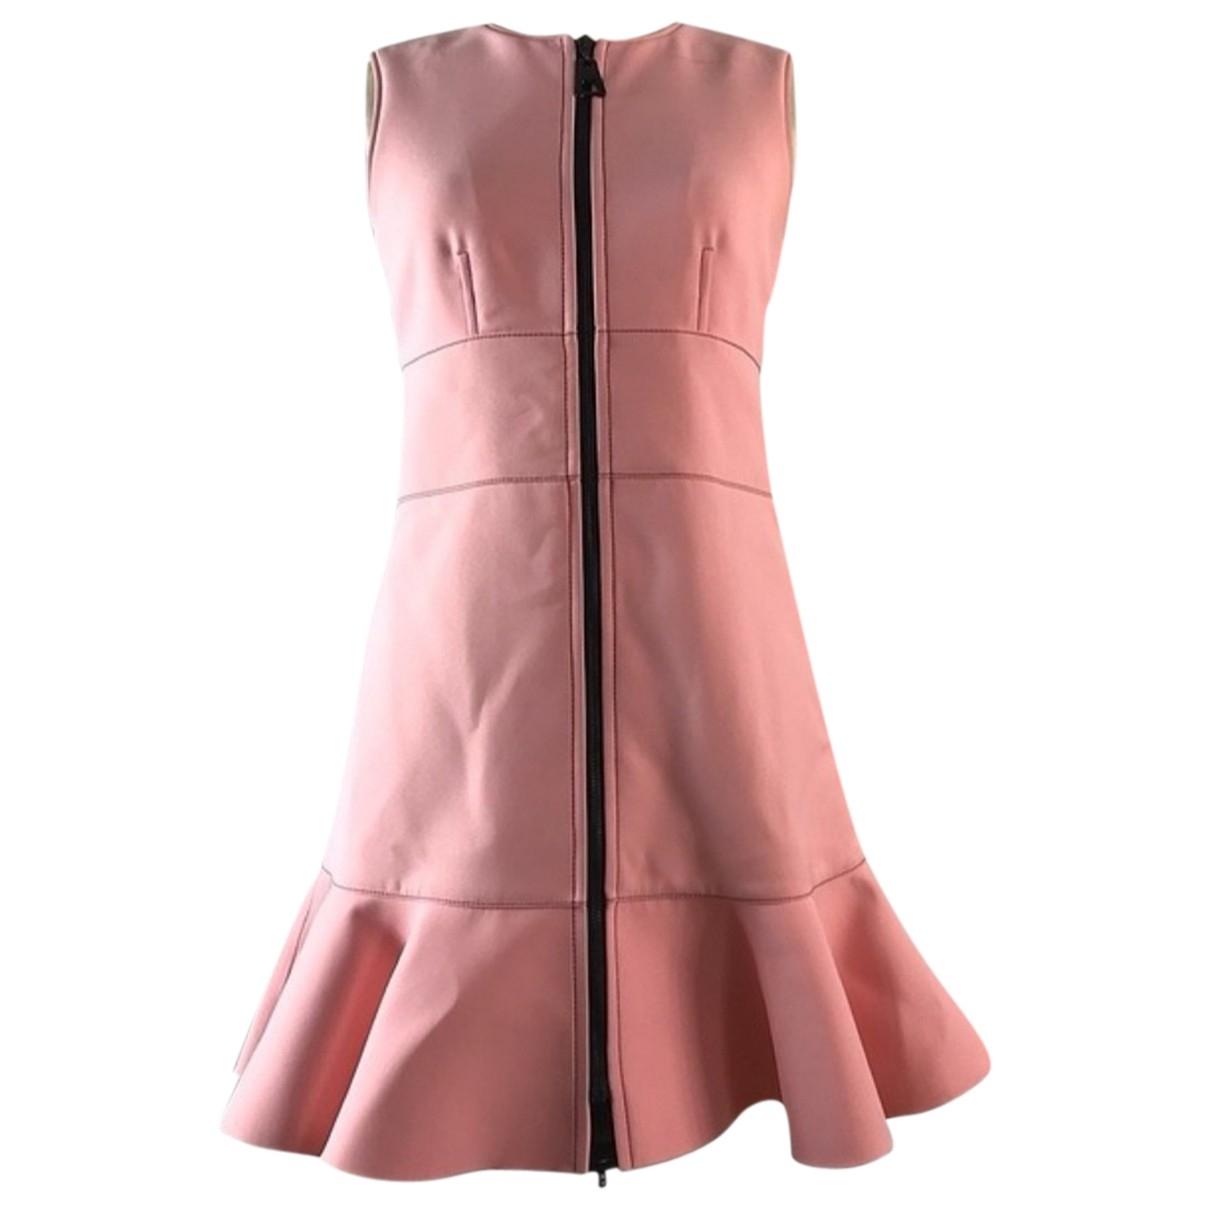 Louis Vuitton \N Pink dress for Women 38 FR